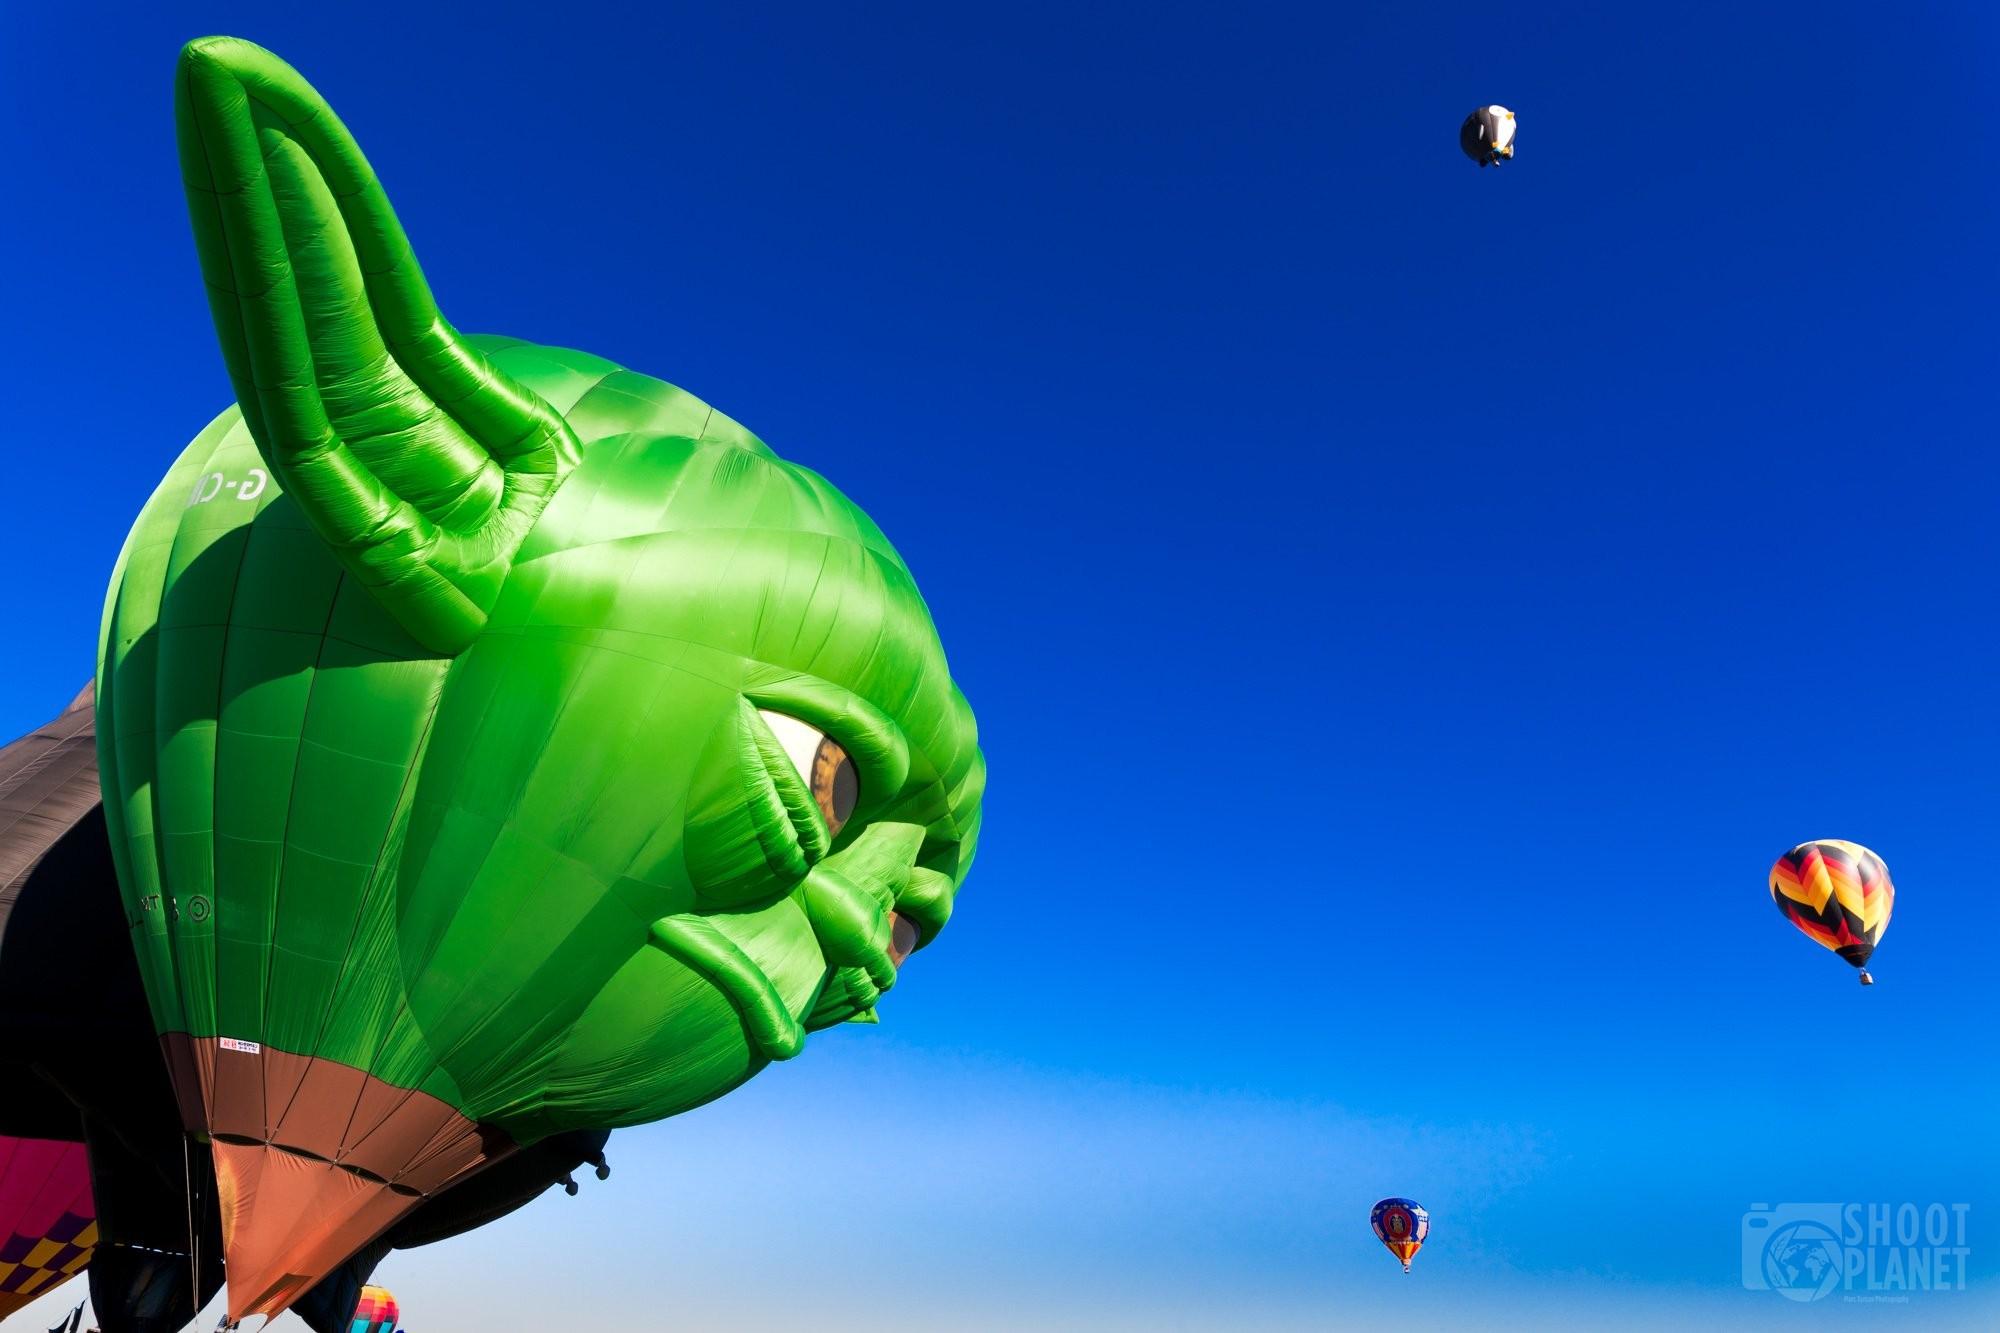 Jedi Yoda huge balloon, Albuquerque USA